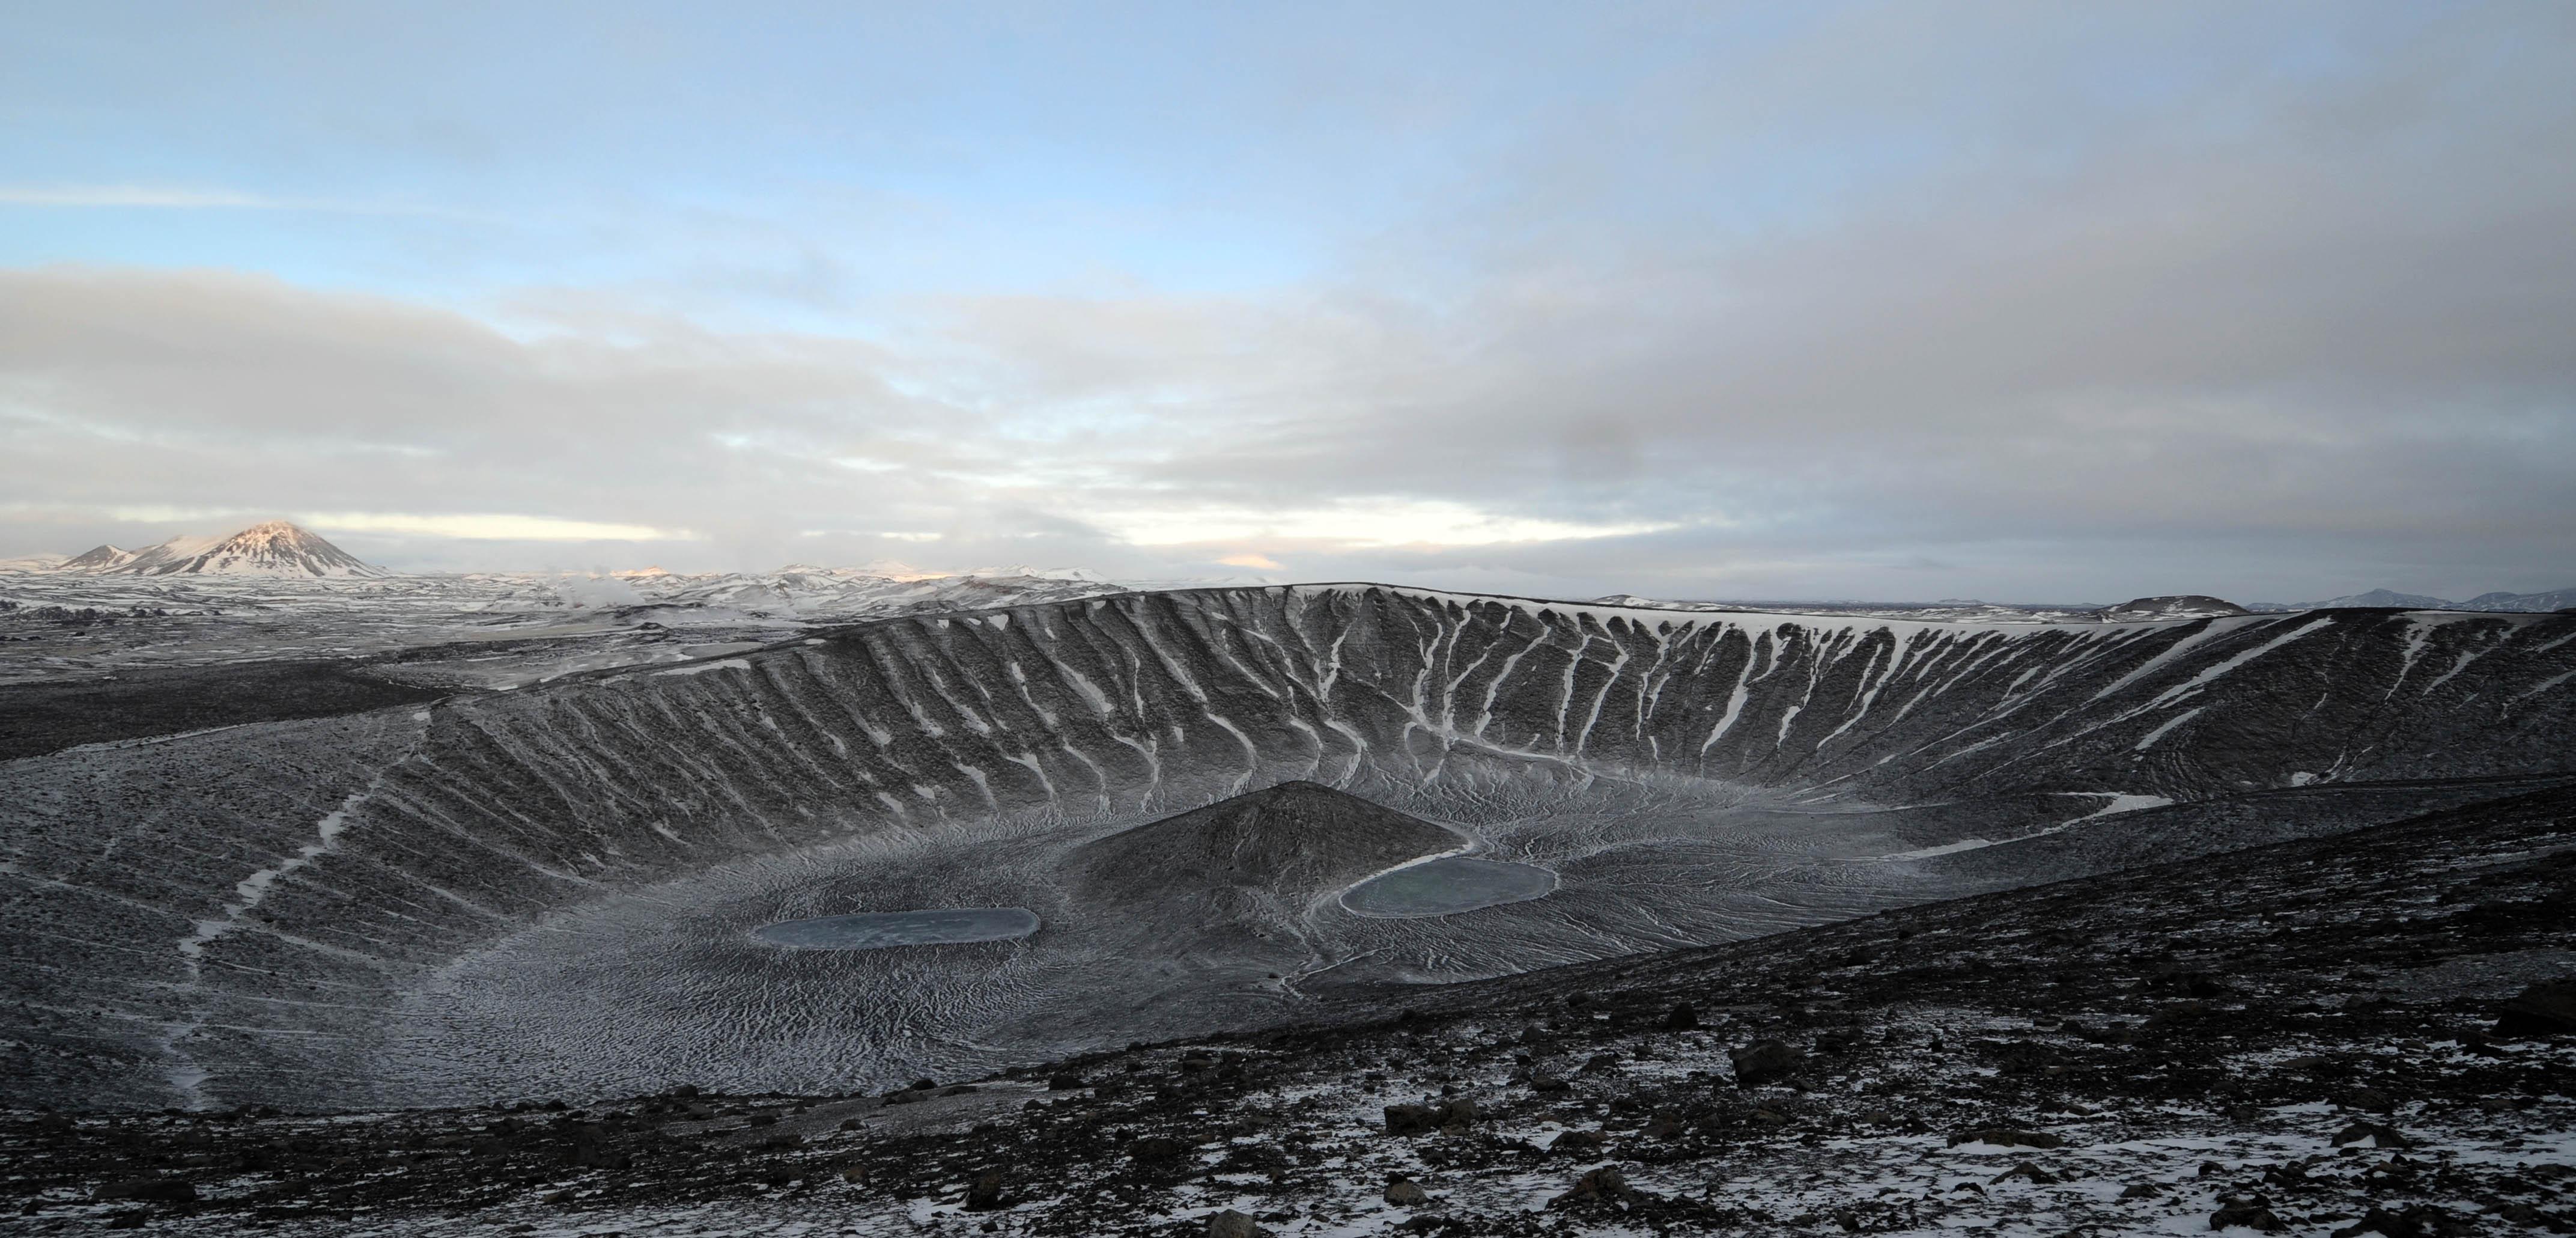 冰島米湖景點推薦,Heverfjall,惠爾火山,冰島自由行環島景點 @Nash,神之領域